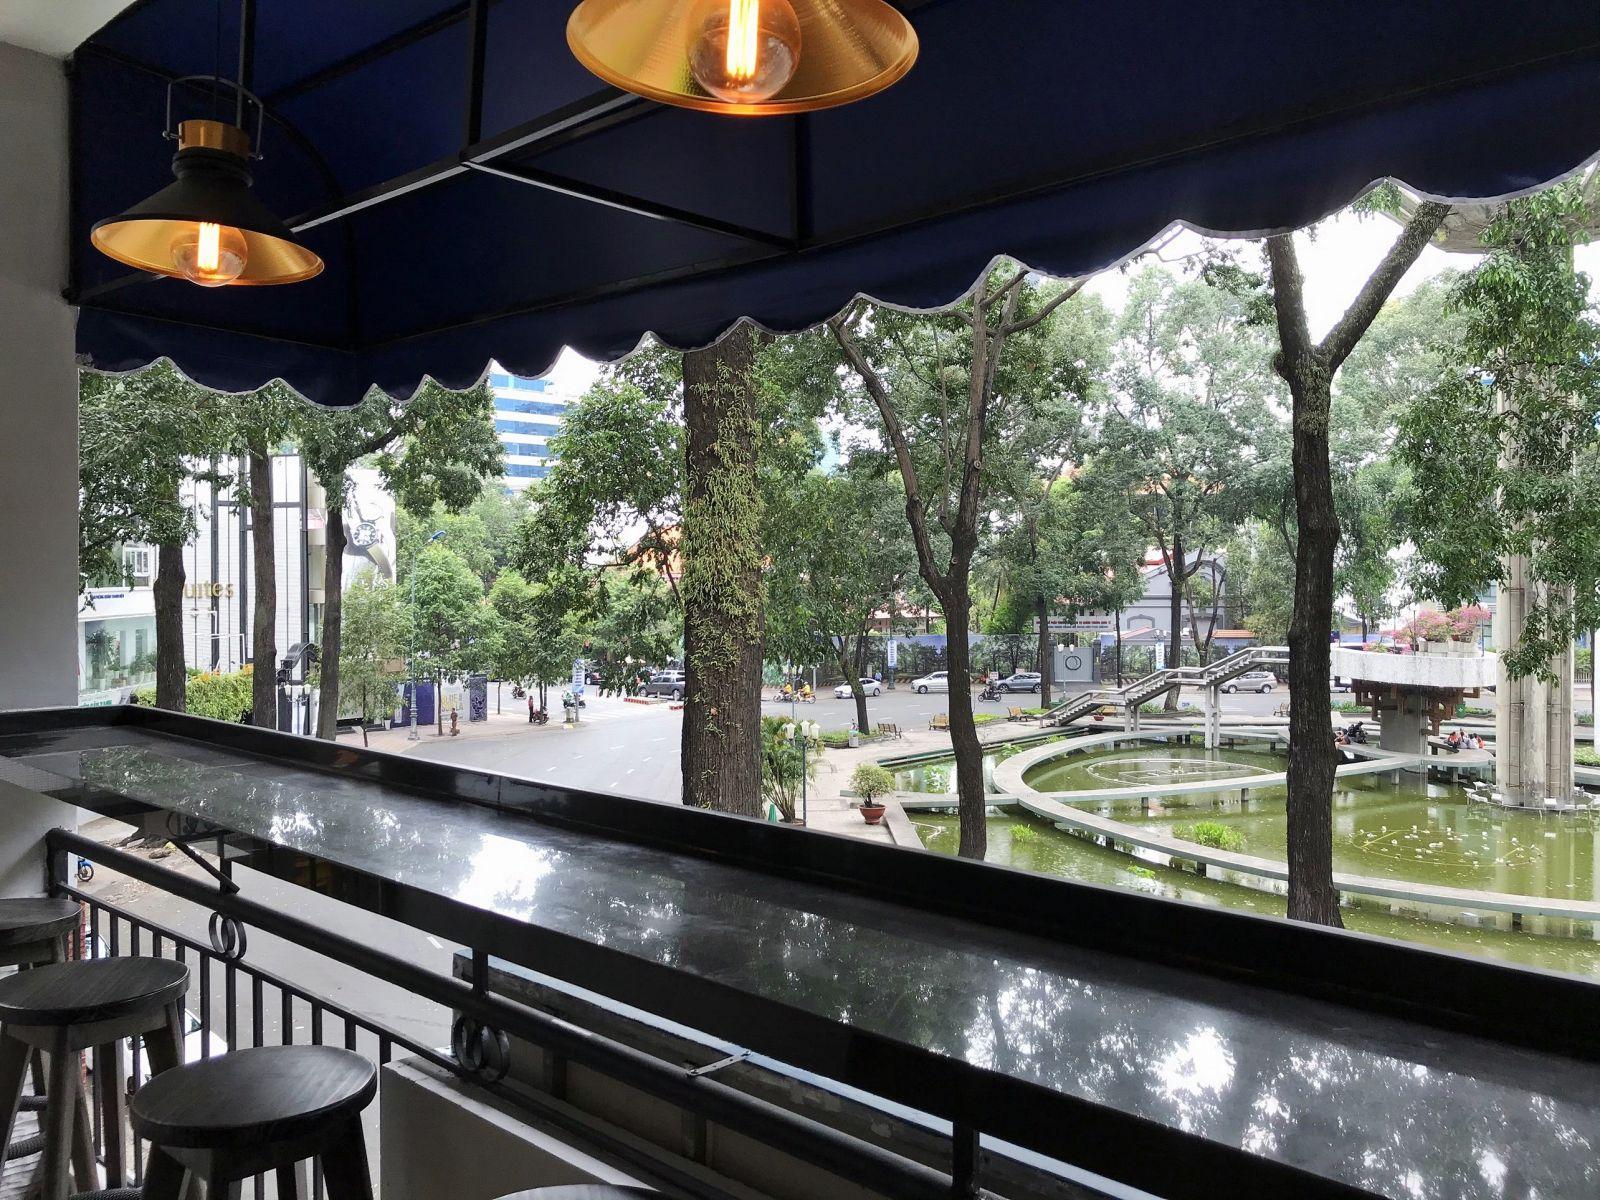 quán cafe hiện đại có tầm nhìn thoáng đẹp